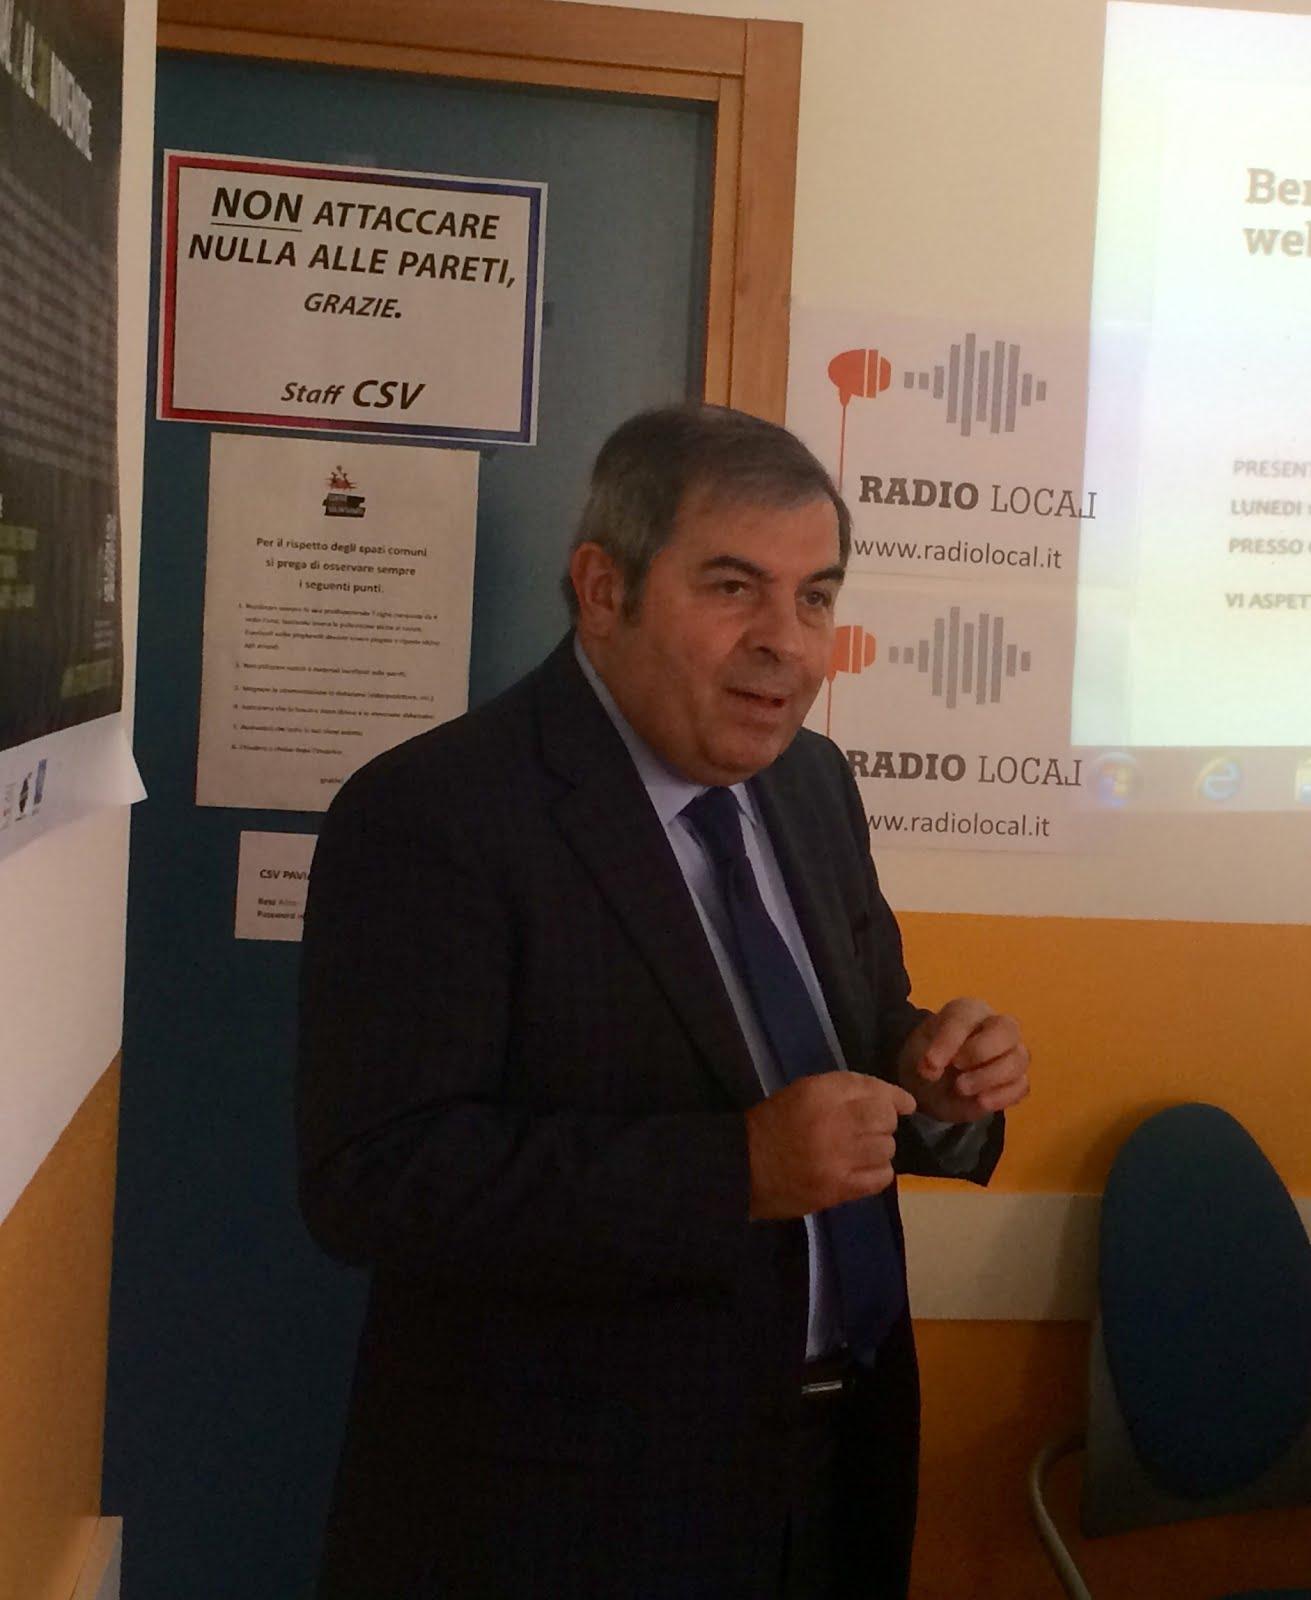 Obiettivo Lavoro Pavia: PAVIA. Pavia Radio Local La Prima Web Radio Partecipata